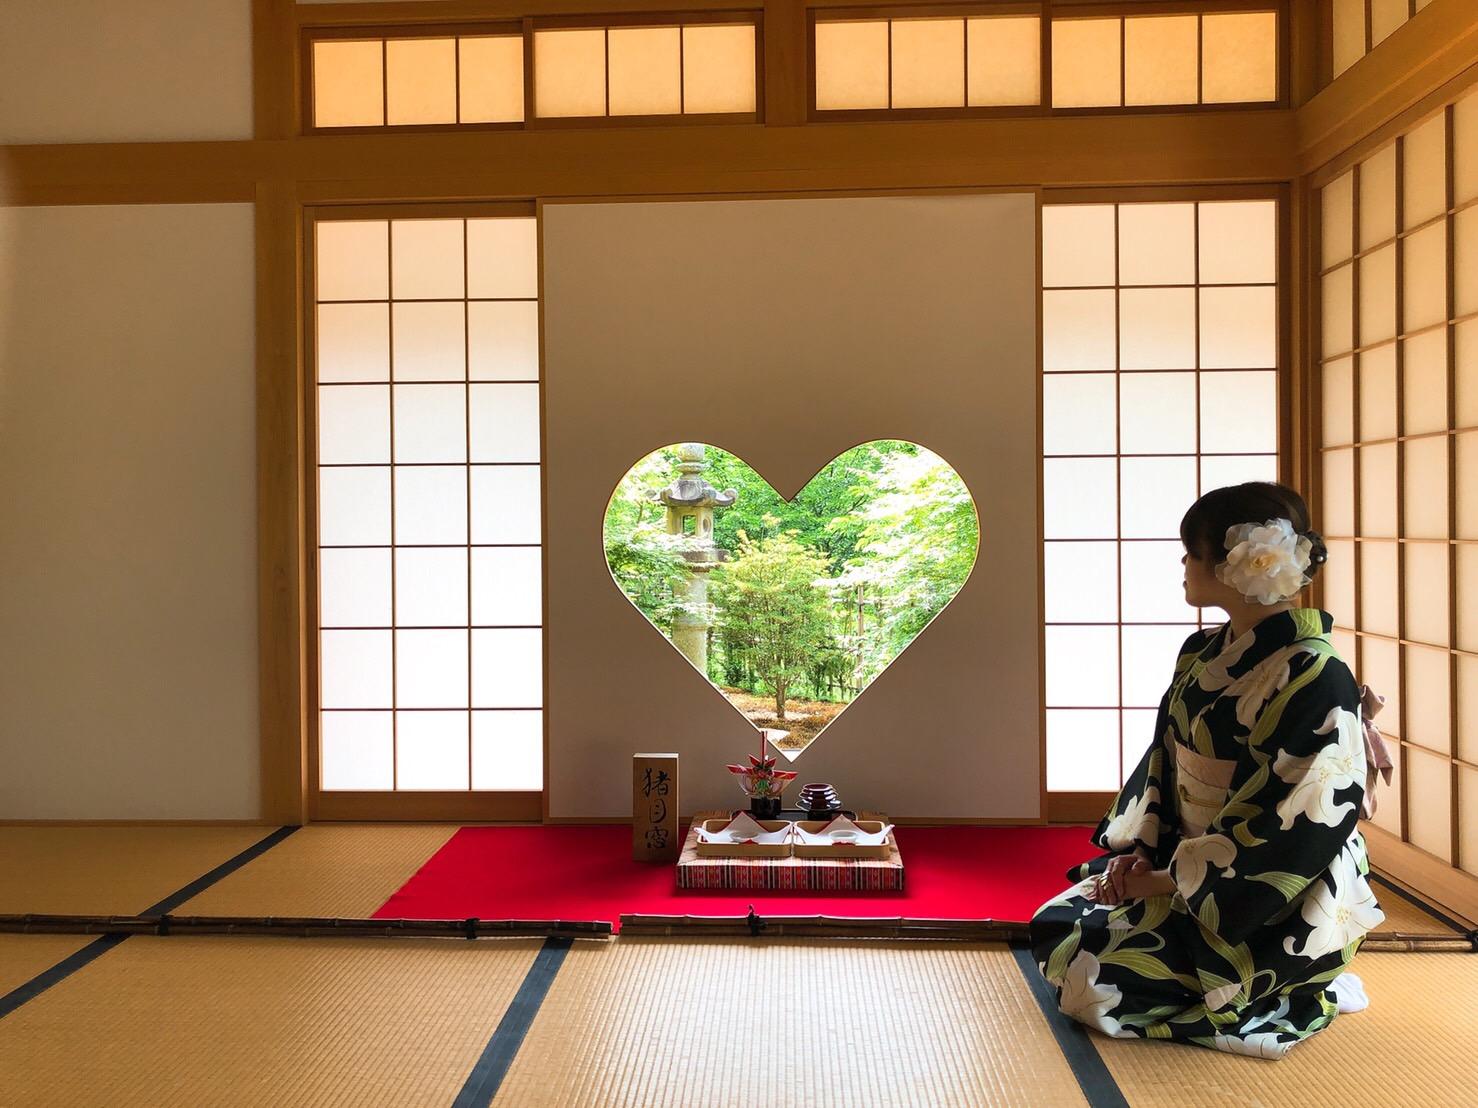 大人気スポットの正寿院へ♡2019年5月15日1